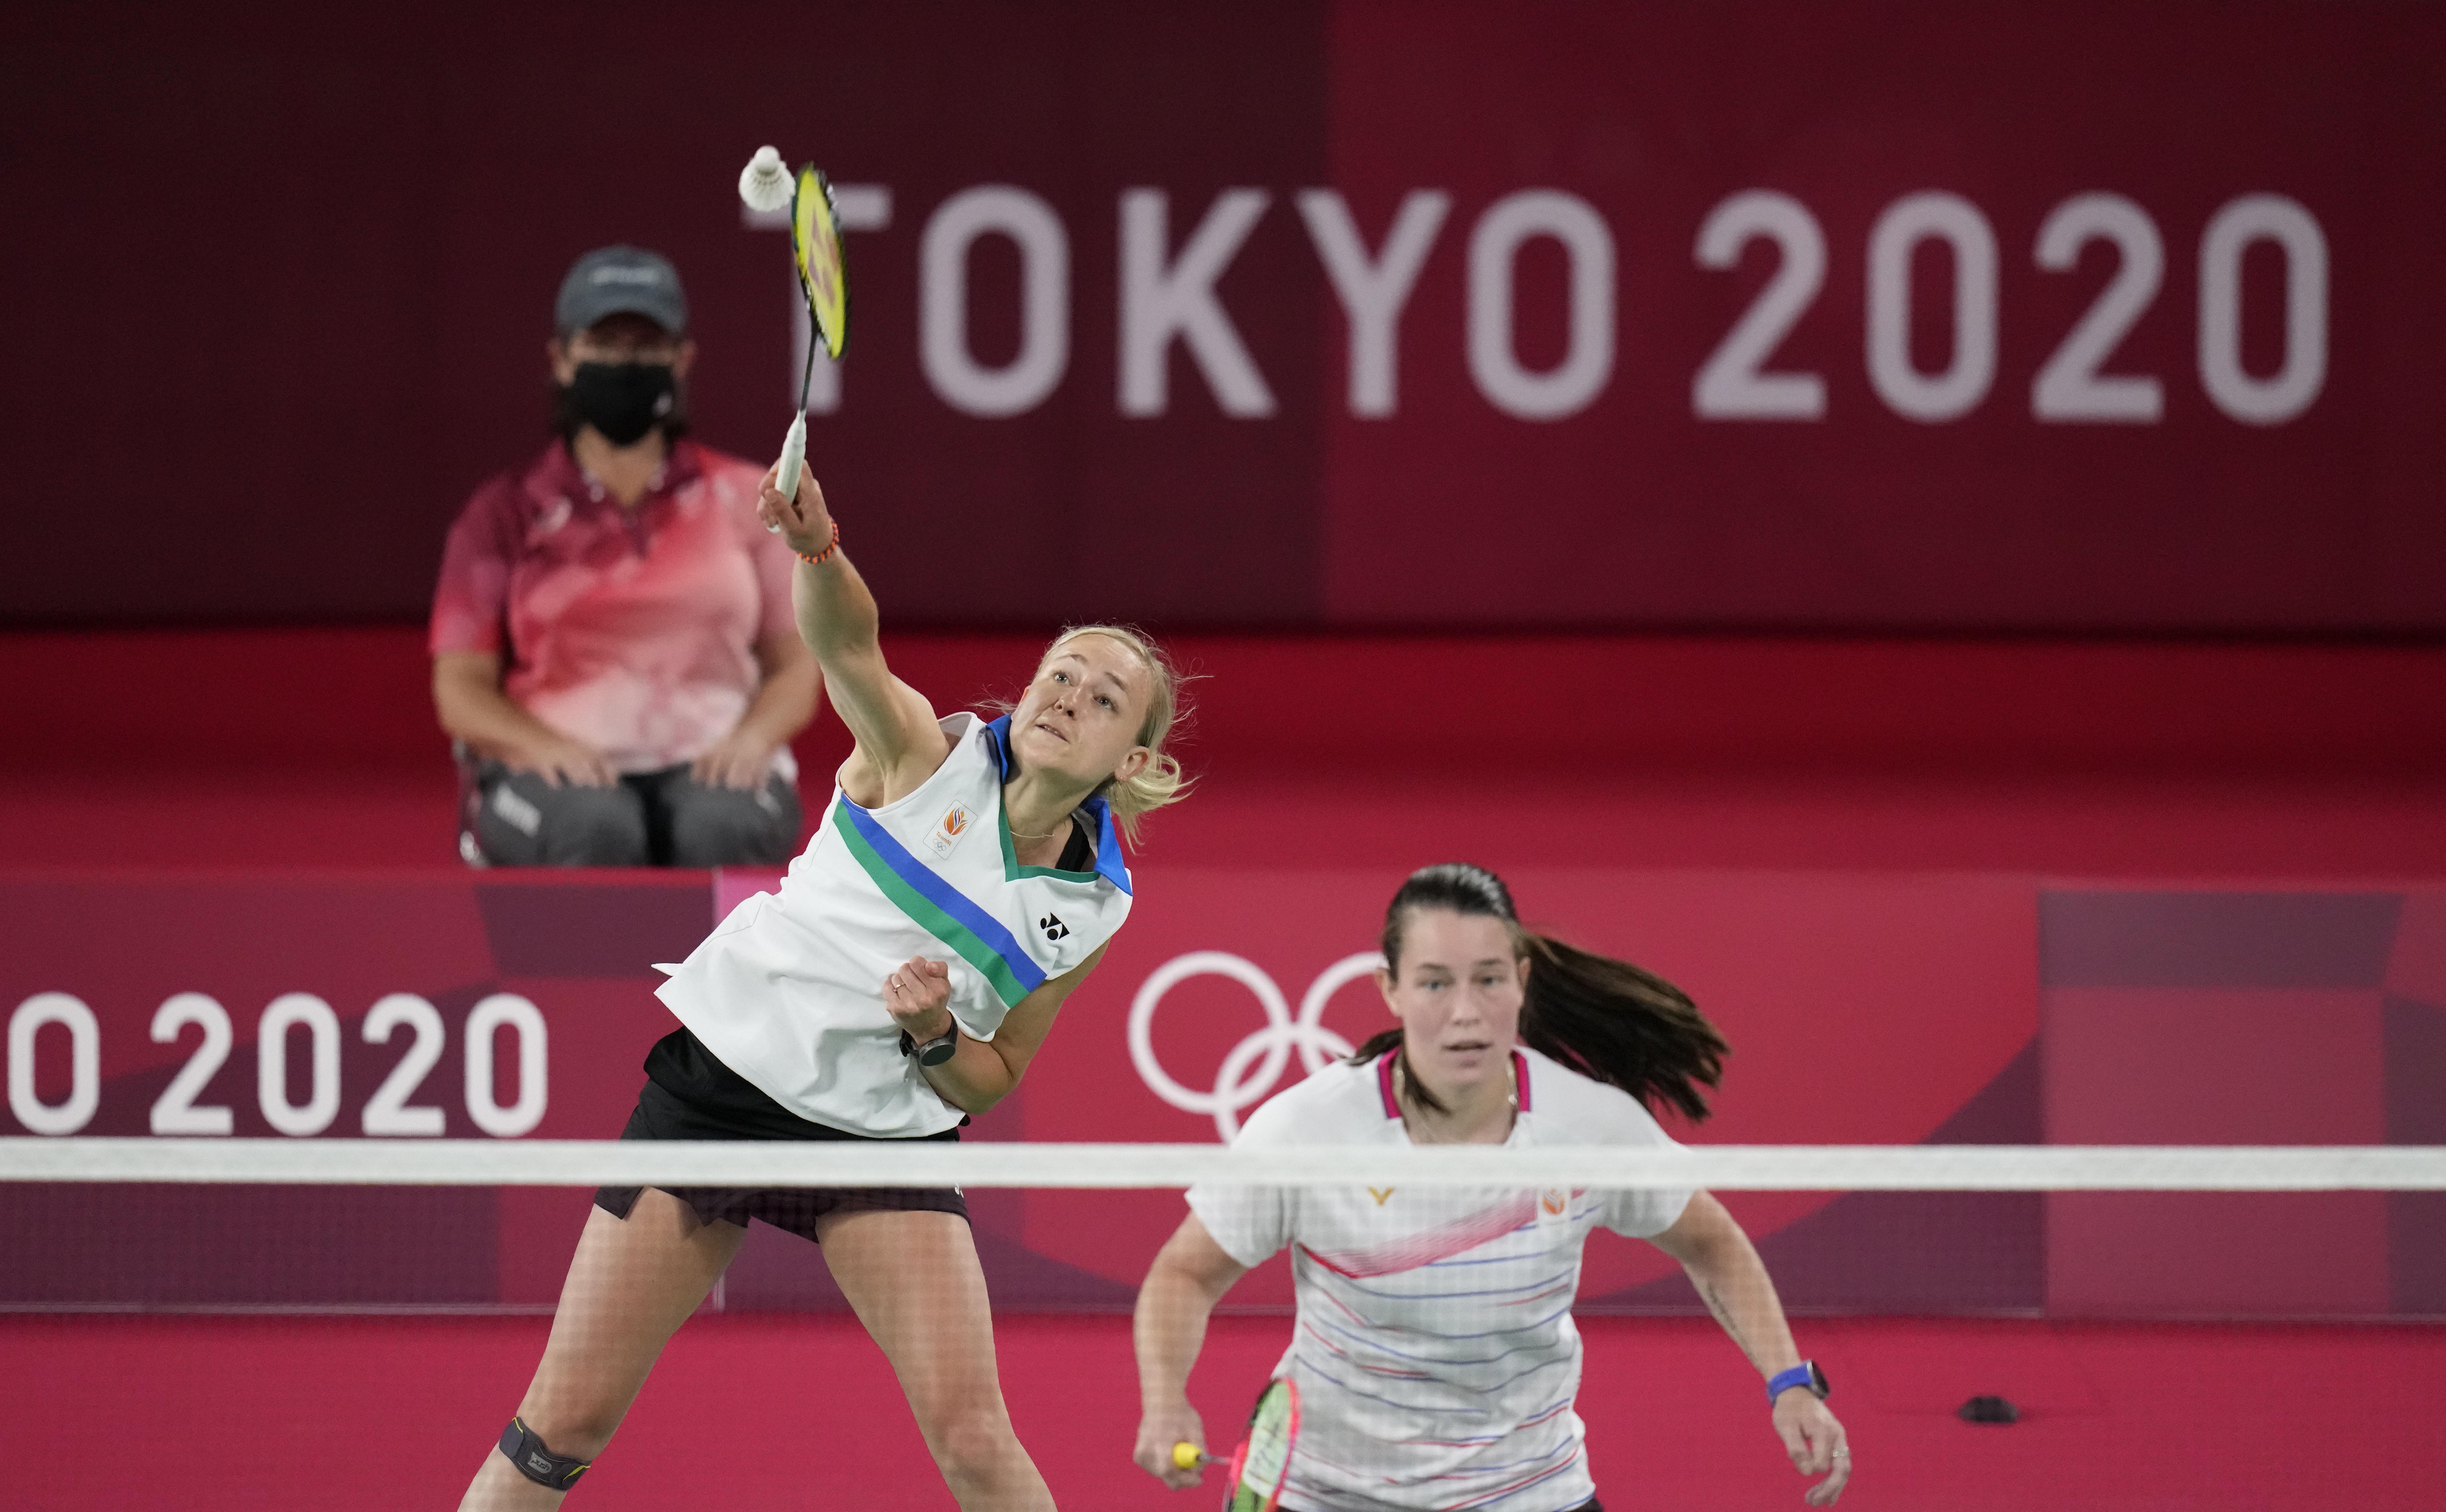 Winst badmintonners Piek en Seinen in olympisch dubbelspel